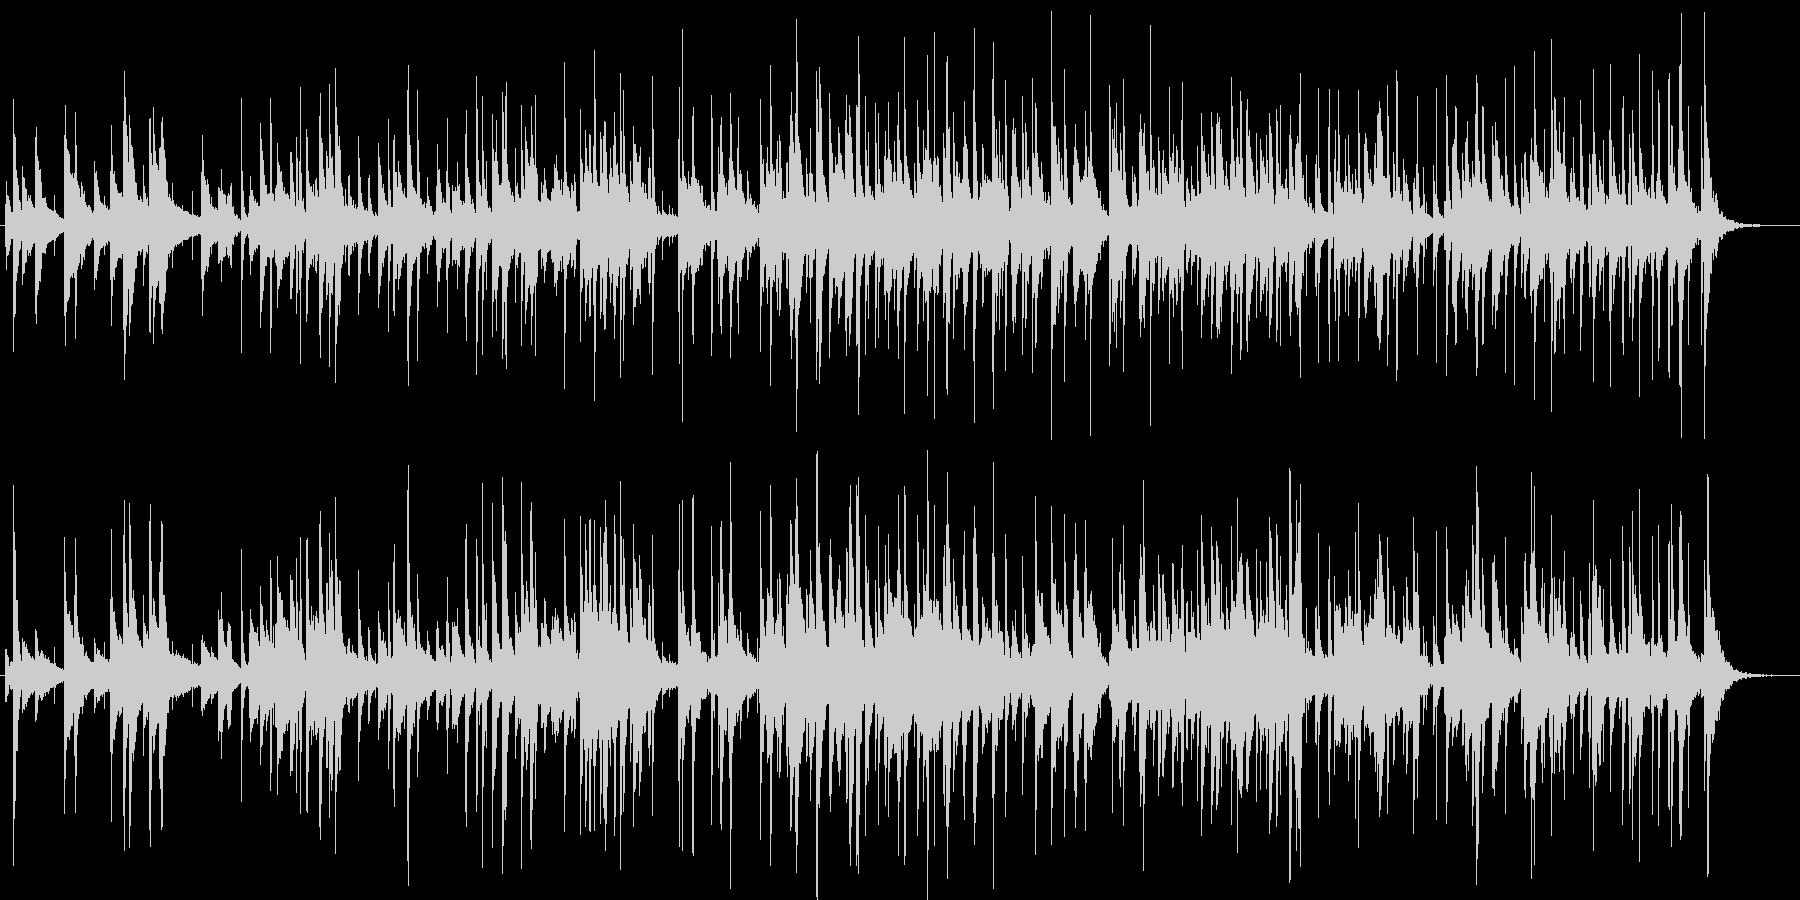 オシャレなジャズ風の曲の未再生の波形